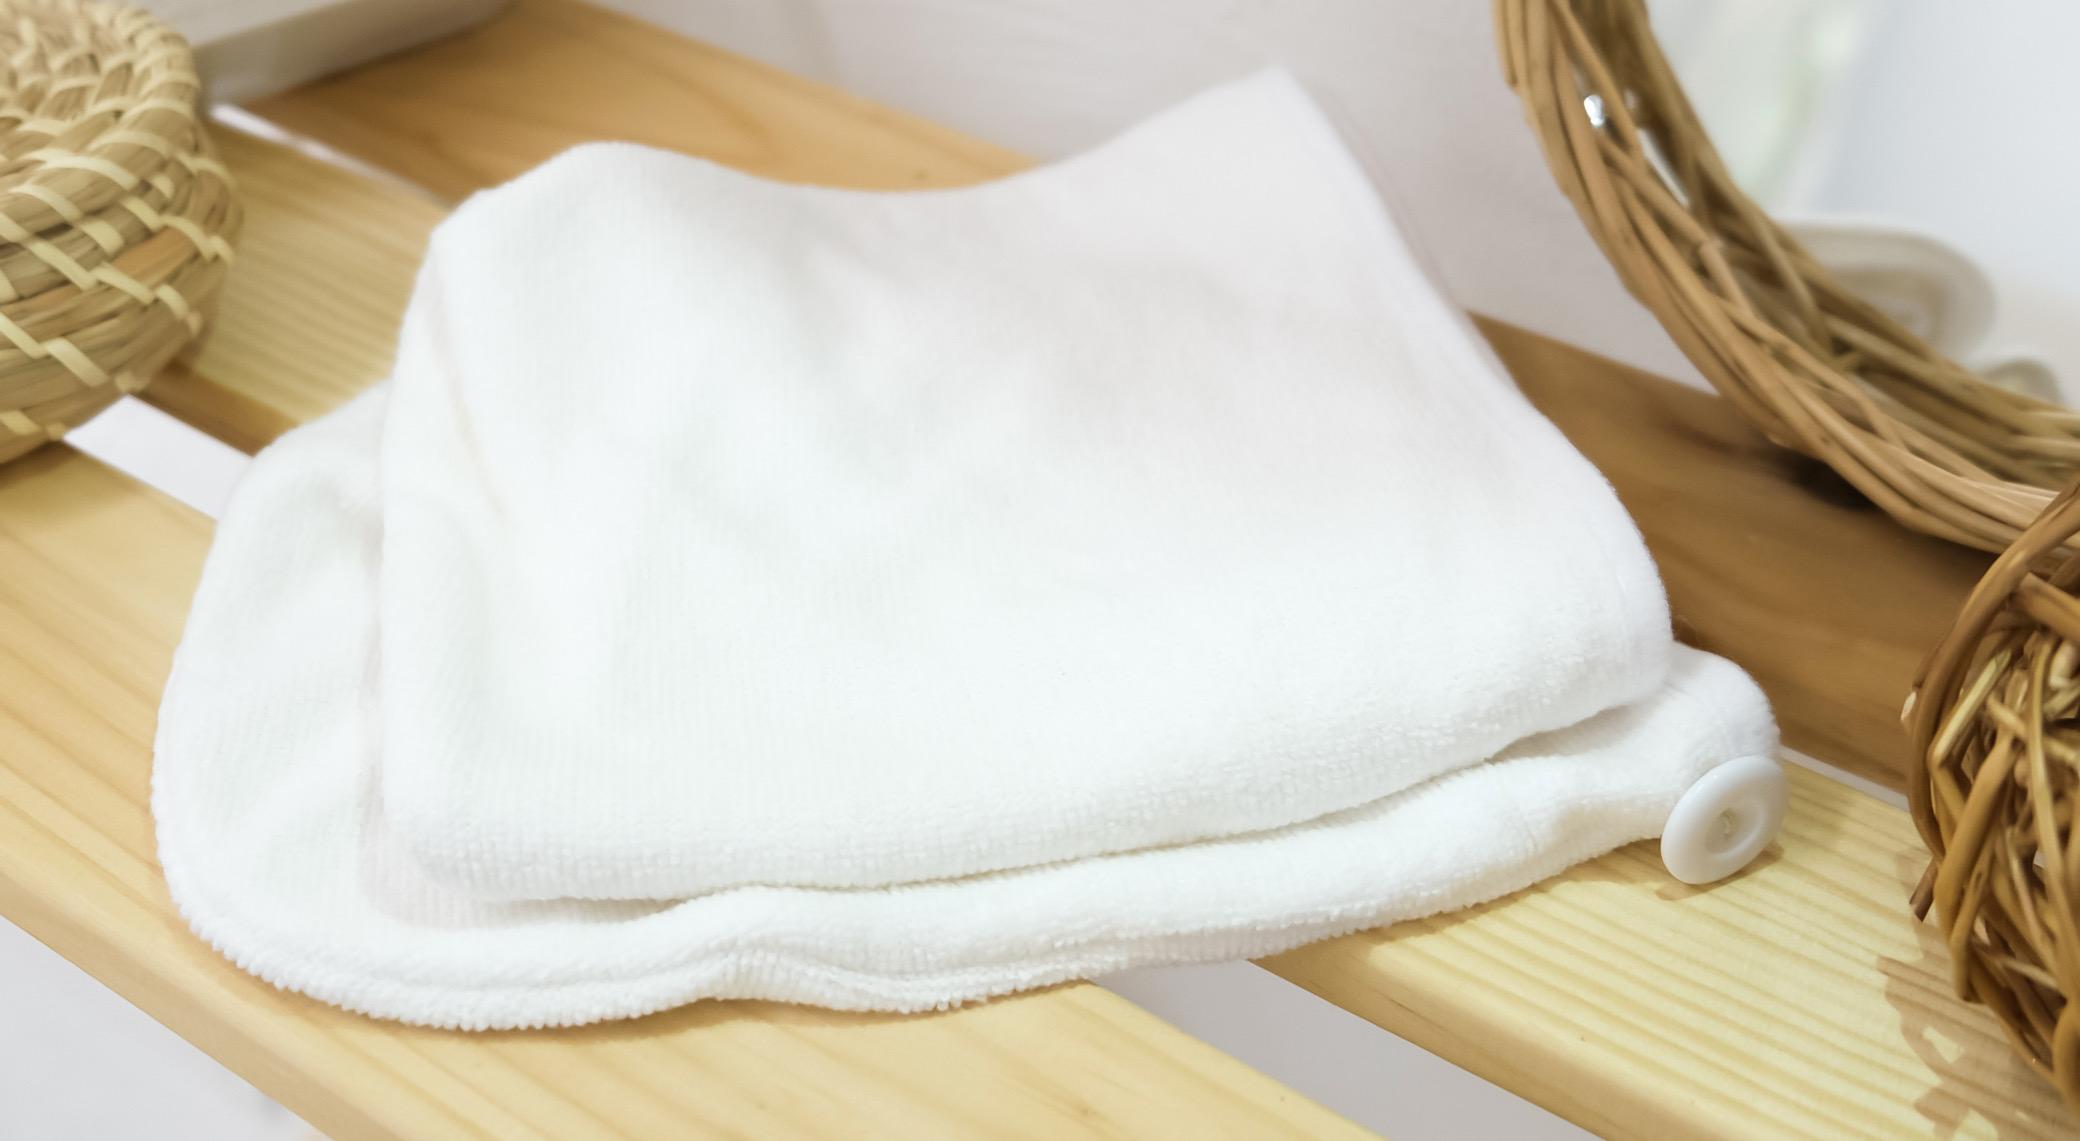 Полотенце для сушки волос